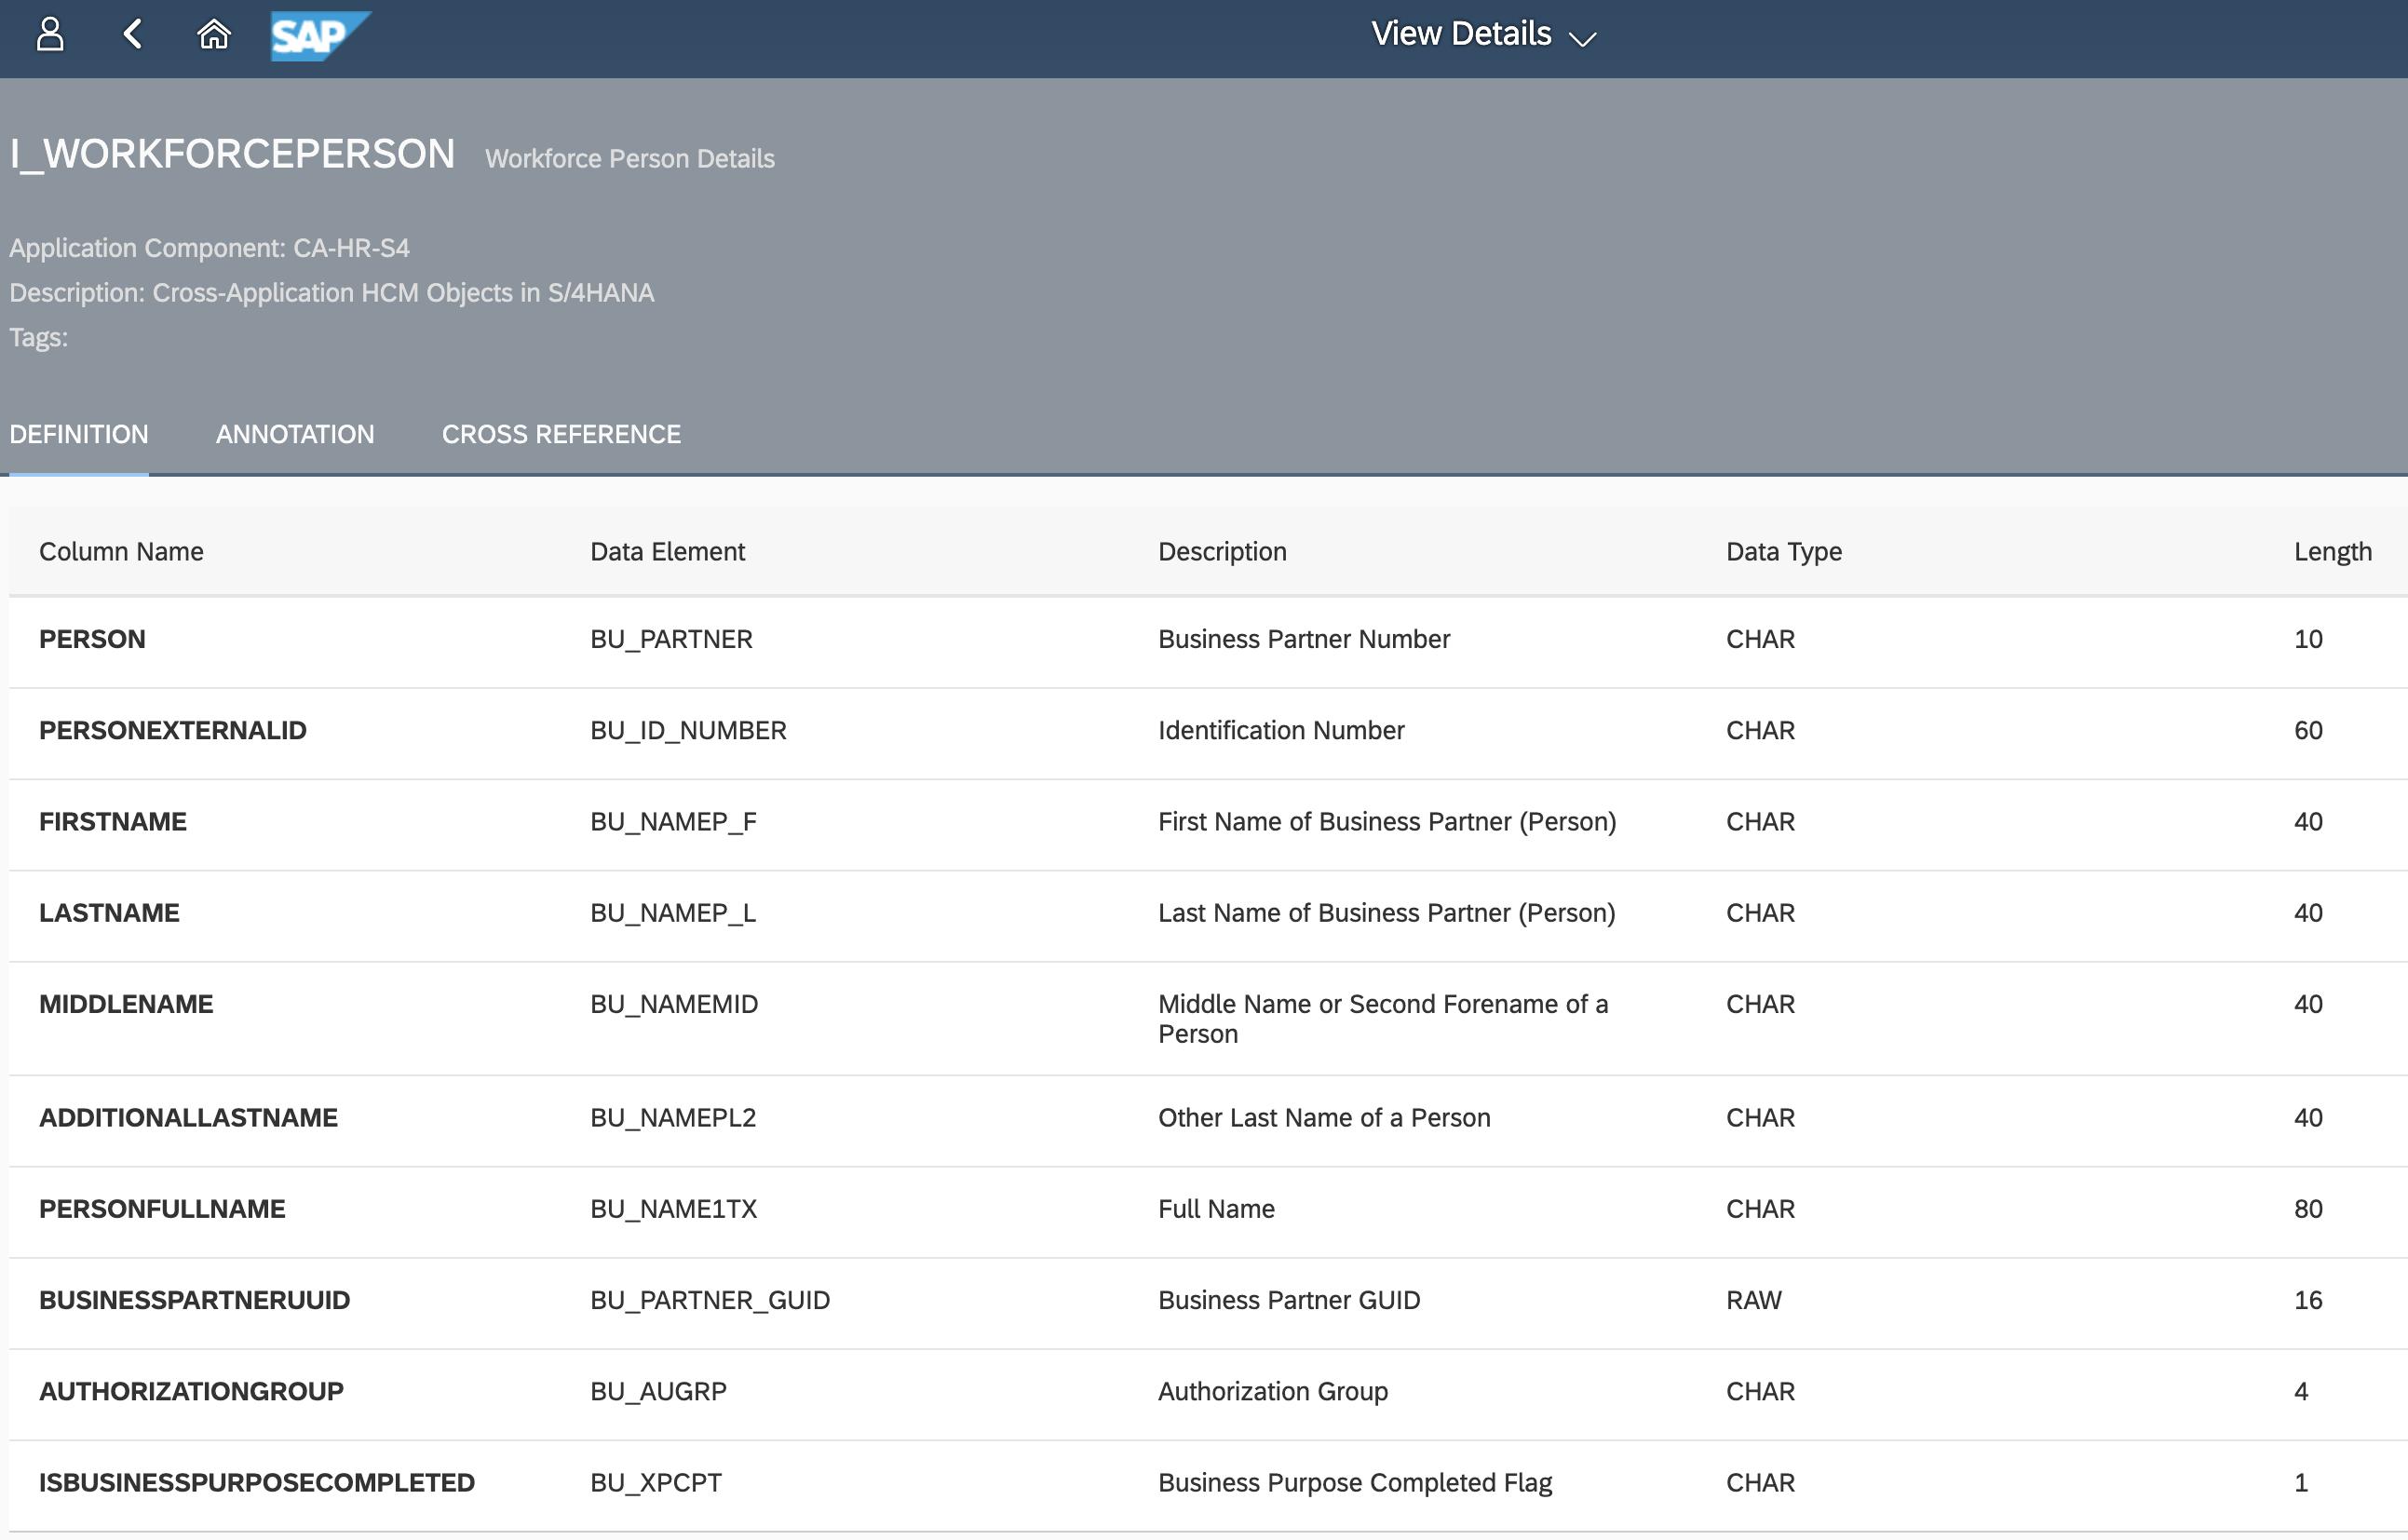 Screenshot 2019-04-08 at 13.10.47.png